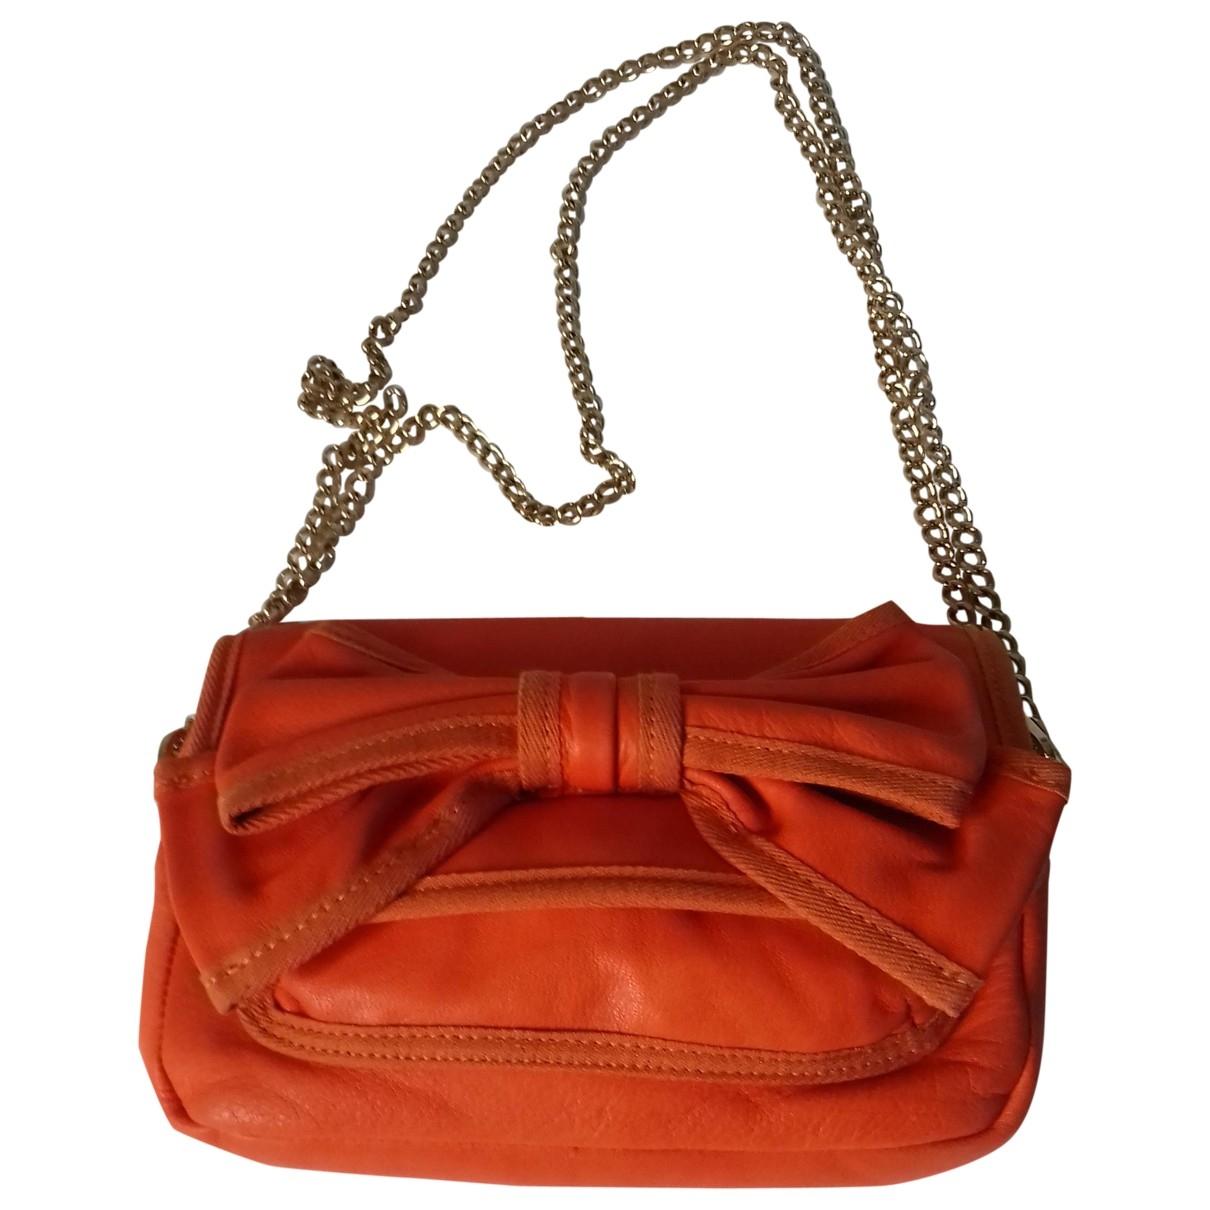 Red Valentino Garavani - Sac a main   pour femme en cuir - orange